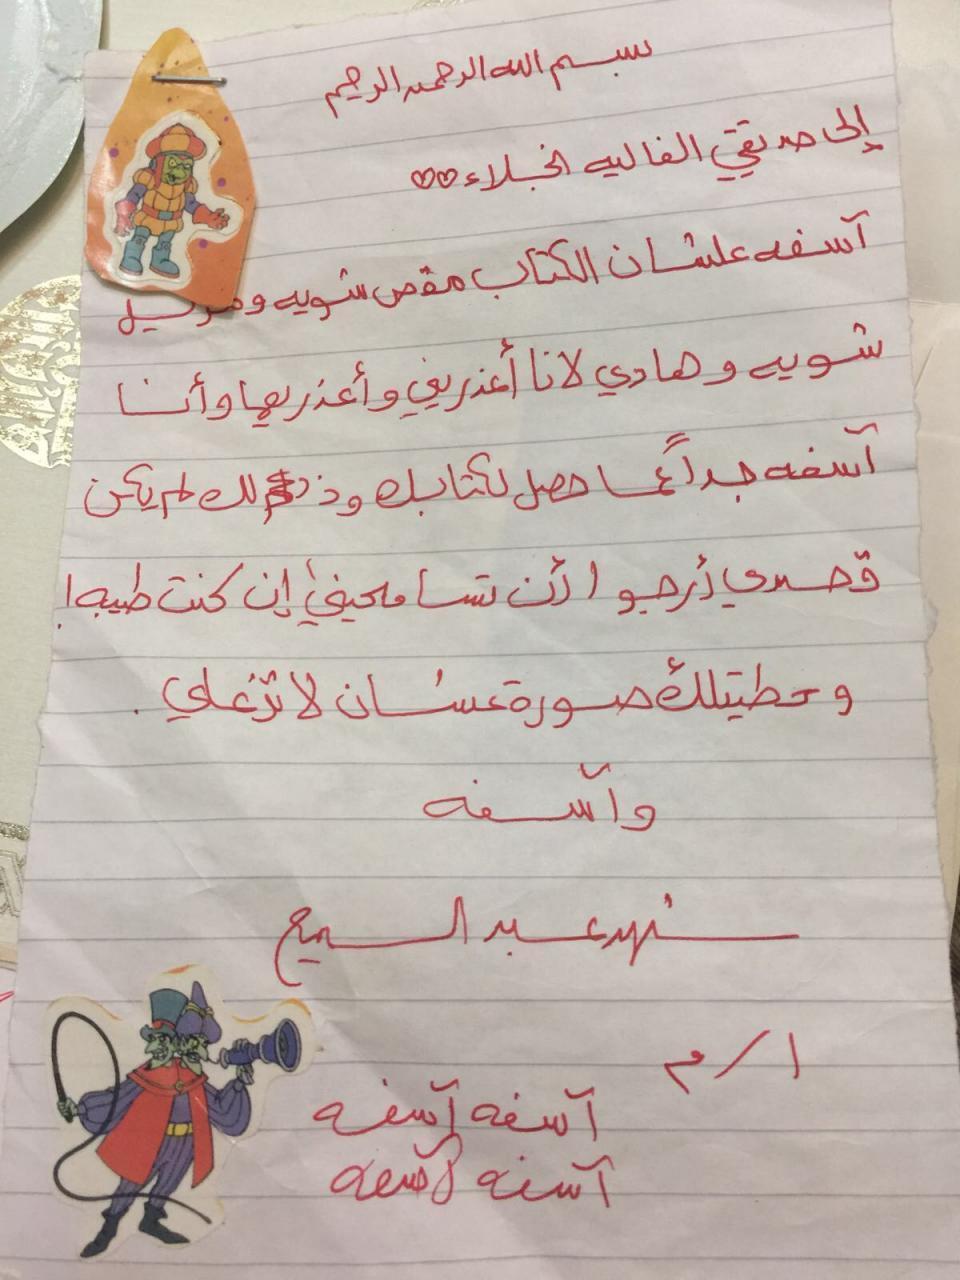 رسالة شكر قصيره لصديقتي عبارات وكلمات شكر للصديقه افخم فخمه